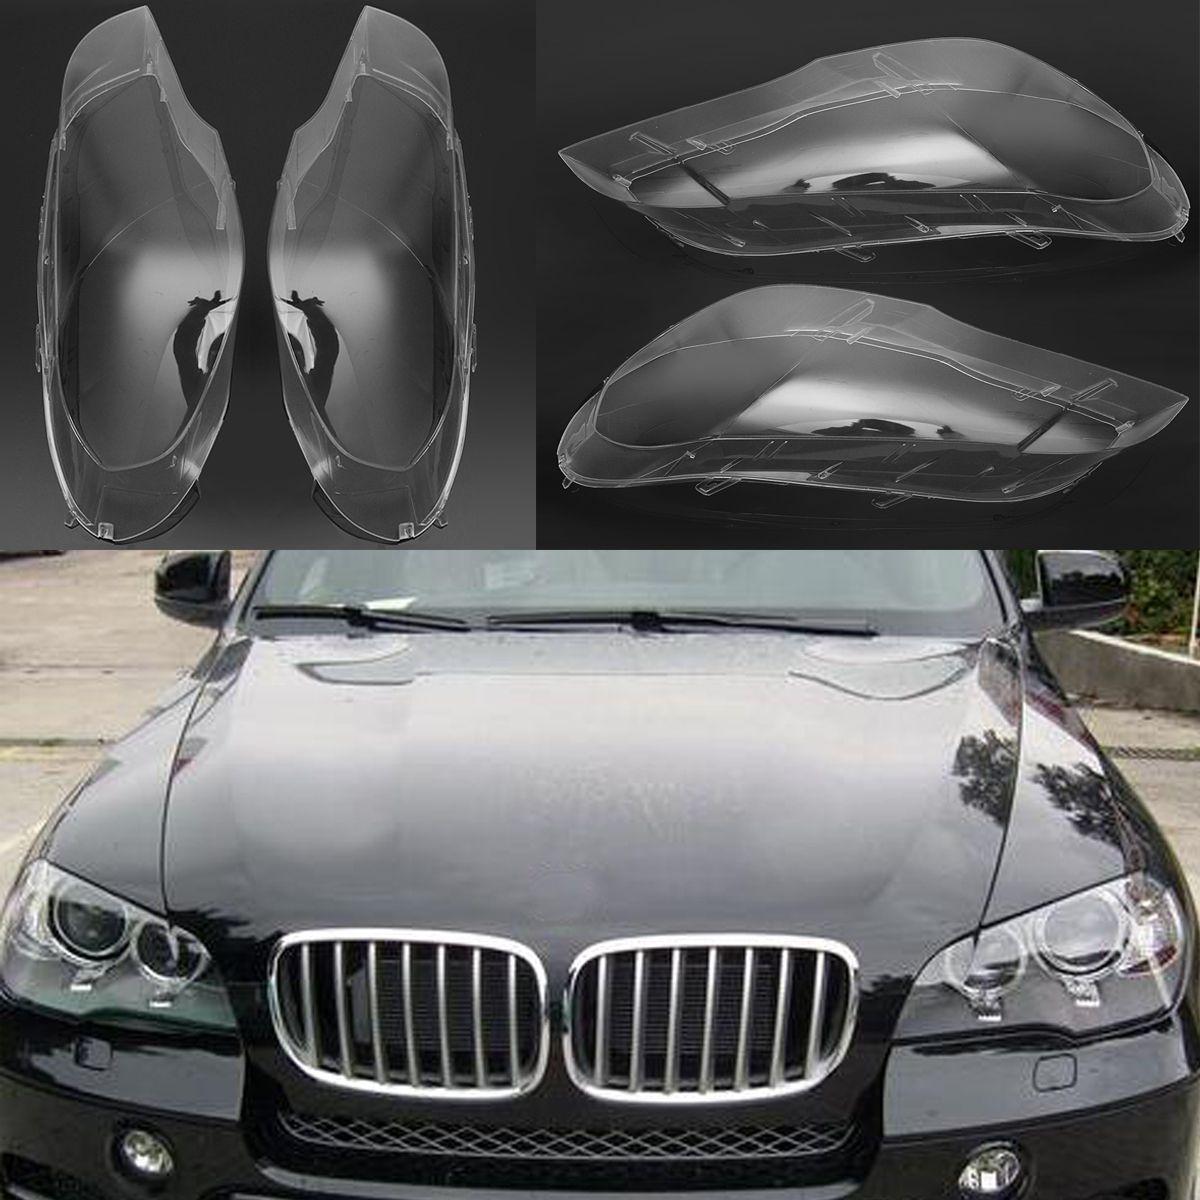 1 paar Links & Rechts Transparent Scheinwerfer Scheinwerfer Objektiv Ersatz Abdeckung für BMW 2007-2012X5 E70 Auto lichter Scheinwerfer Lampe Fall